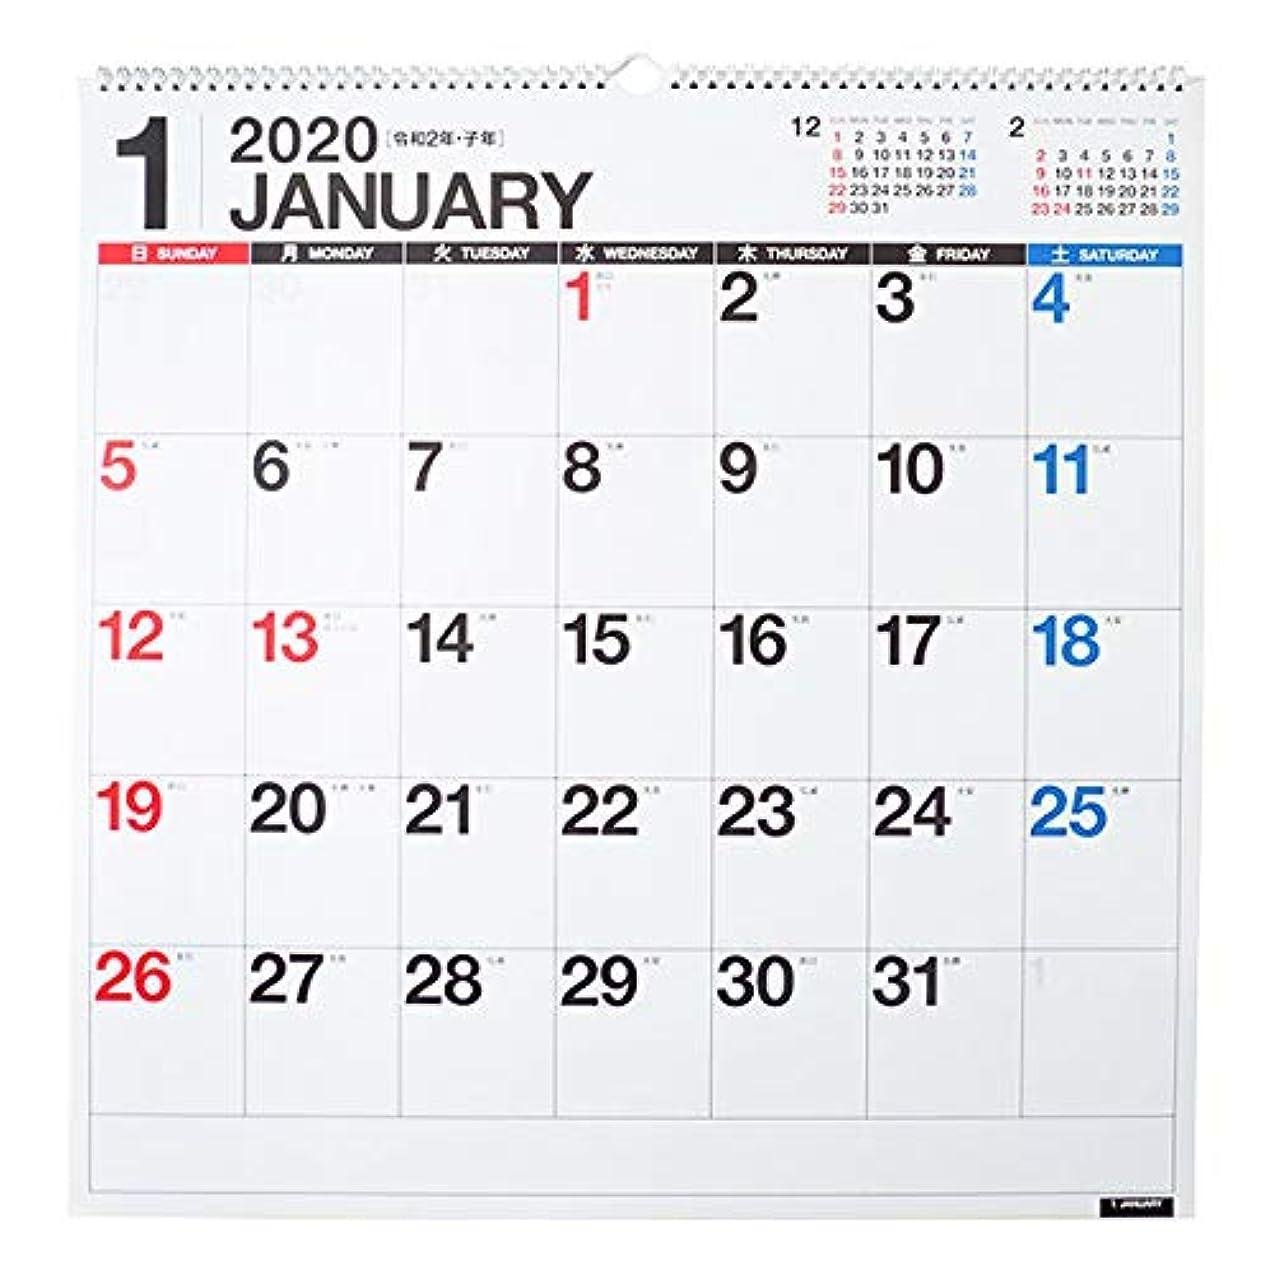 マニフェストアジャメディカル高橋 2020年 カレンダー 壁掛け B2変型 E31